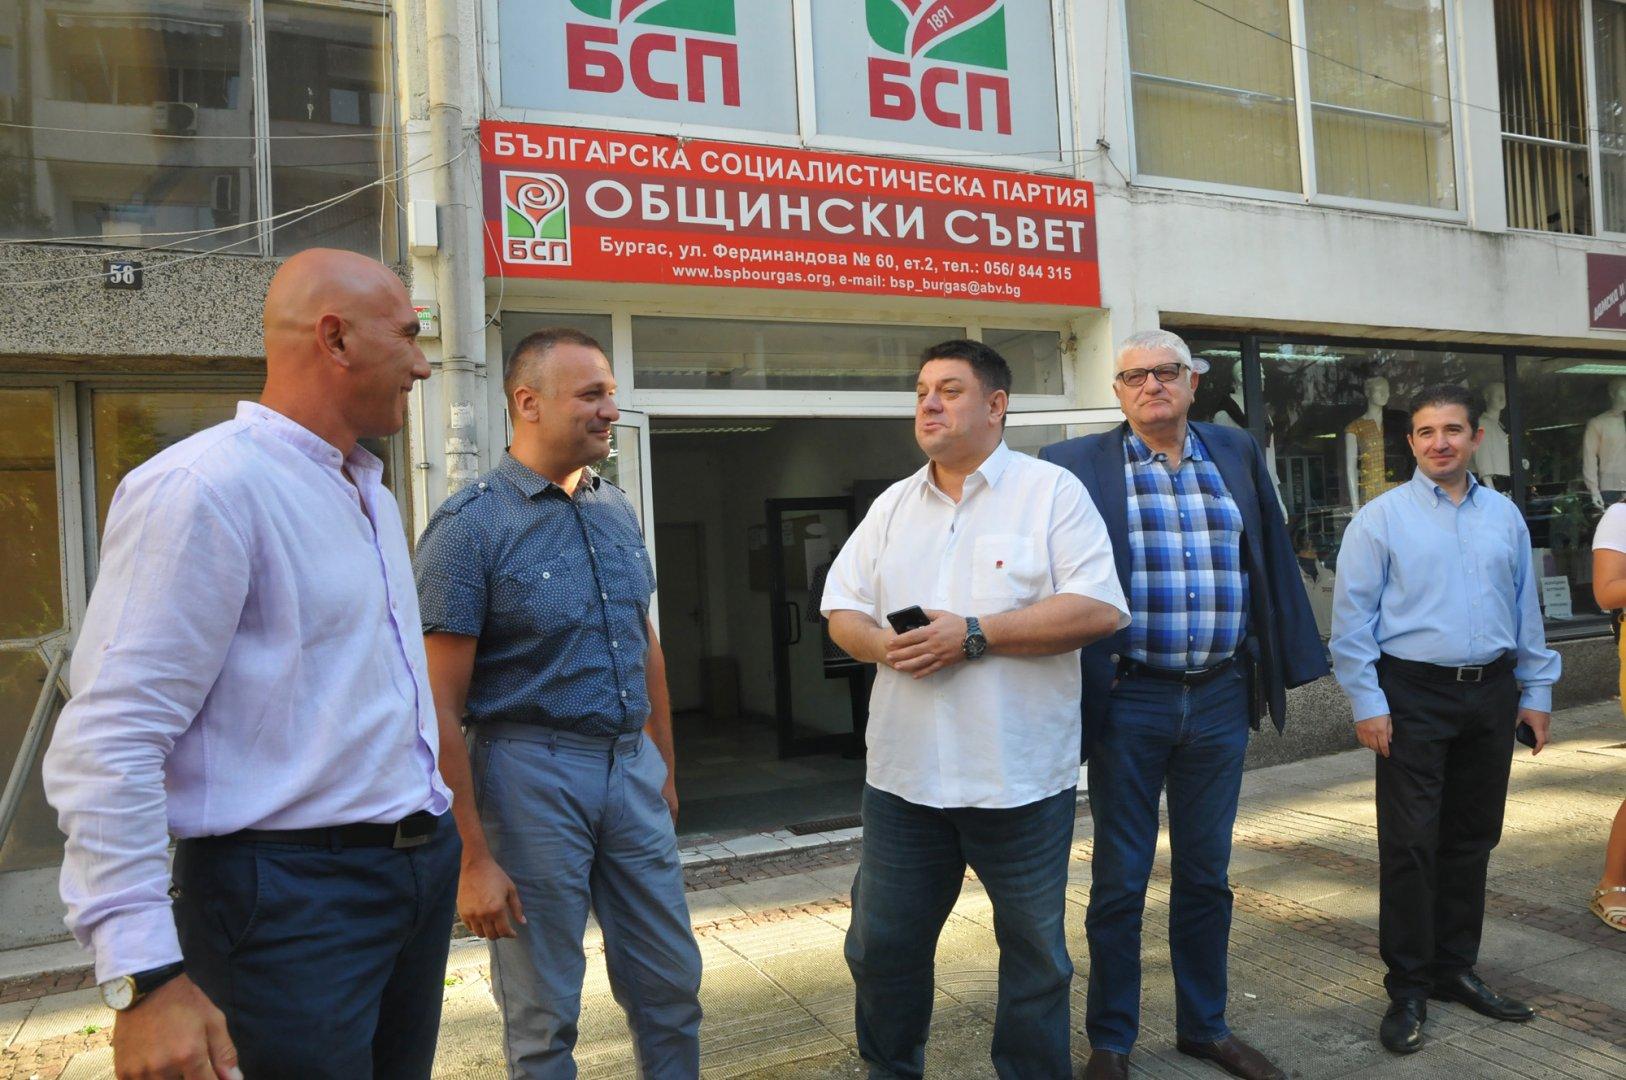 Николай Тишев (вляво) и Тодор Байчев (до него) ще могат да гласуват при подреждането на листата с кандидати за депутати. Водач е Петър Кънев (вторият отдясно наляво), а Атанас Зафиров (в средата) ще води листата в Сливен. Снимка Архив Черноморие-бг